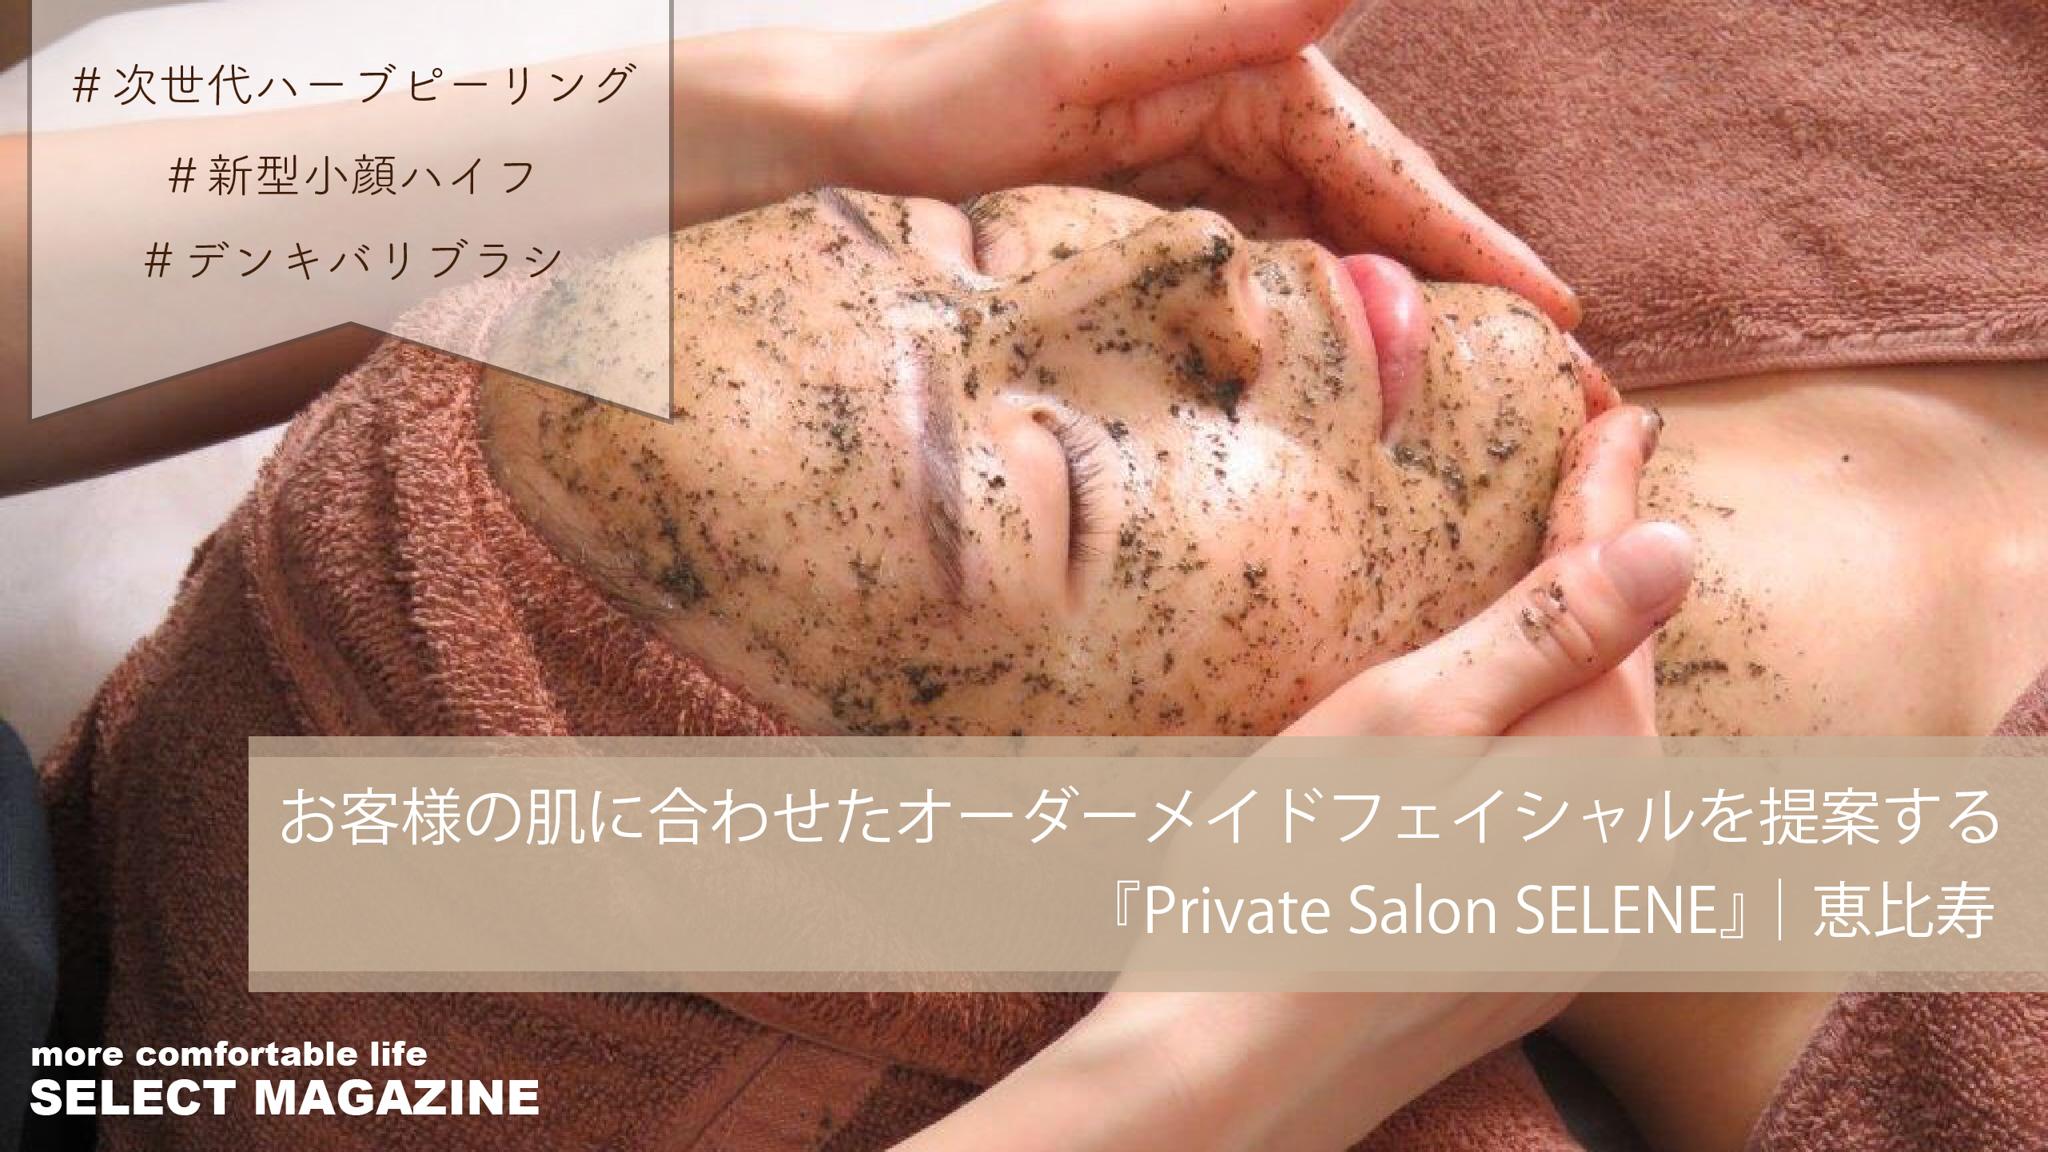 お客様の肌に合わせたオーダーメイドフェイシャルを提案する『Private Salon SELENE』 恵比寿